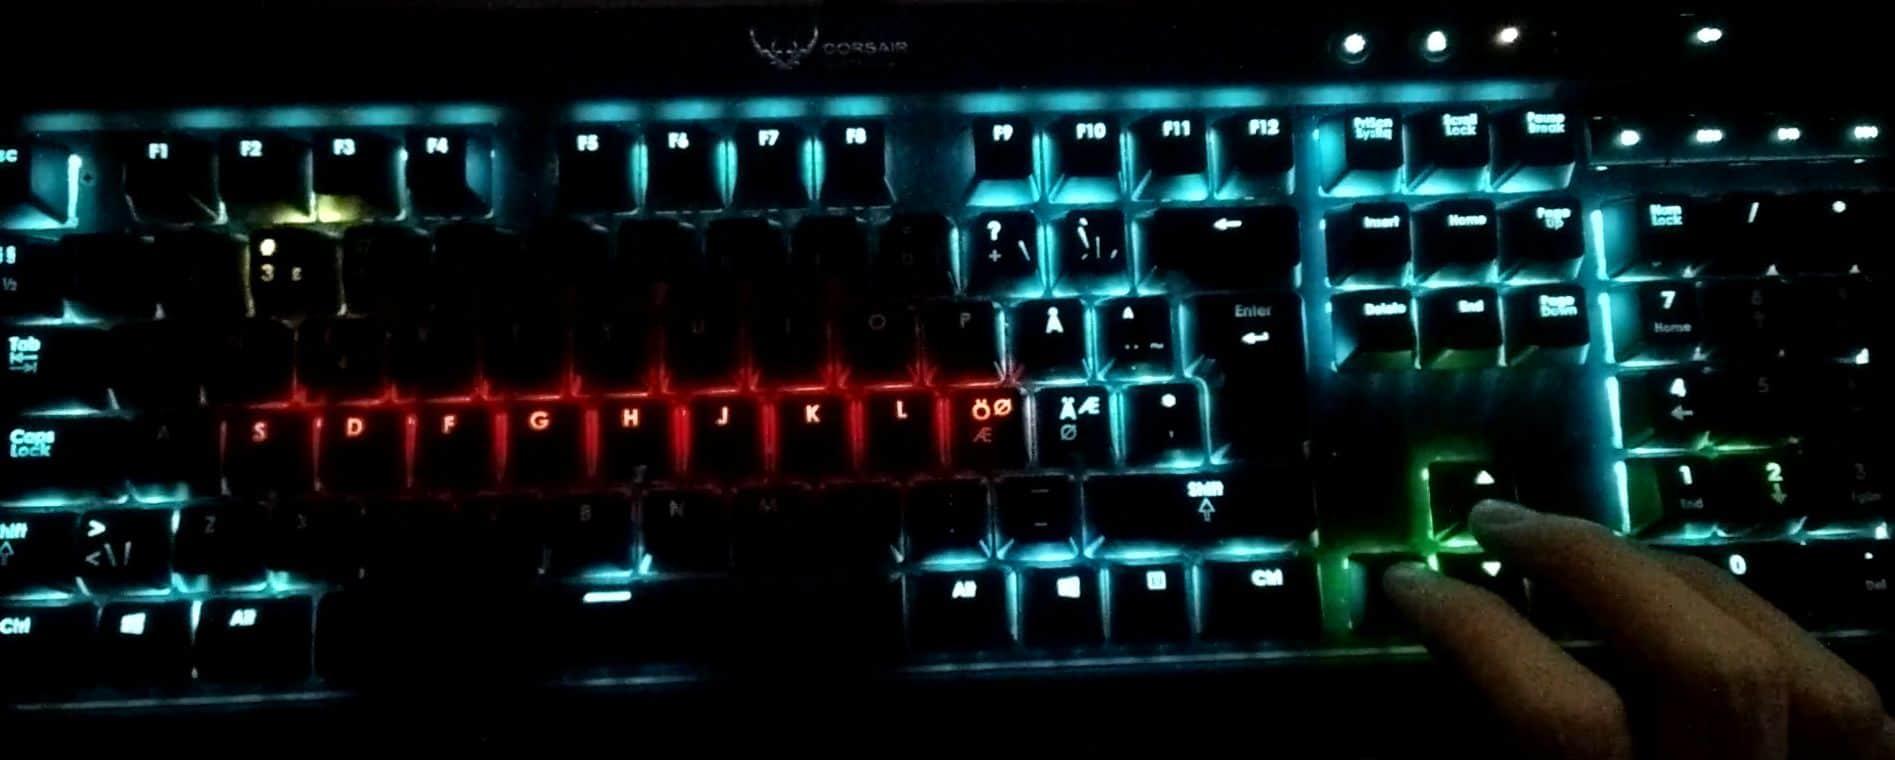 Snake auf einer Tastatur? Schräg. Und lustig. (Foto: Screenshot)